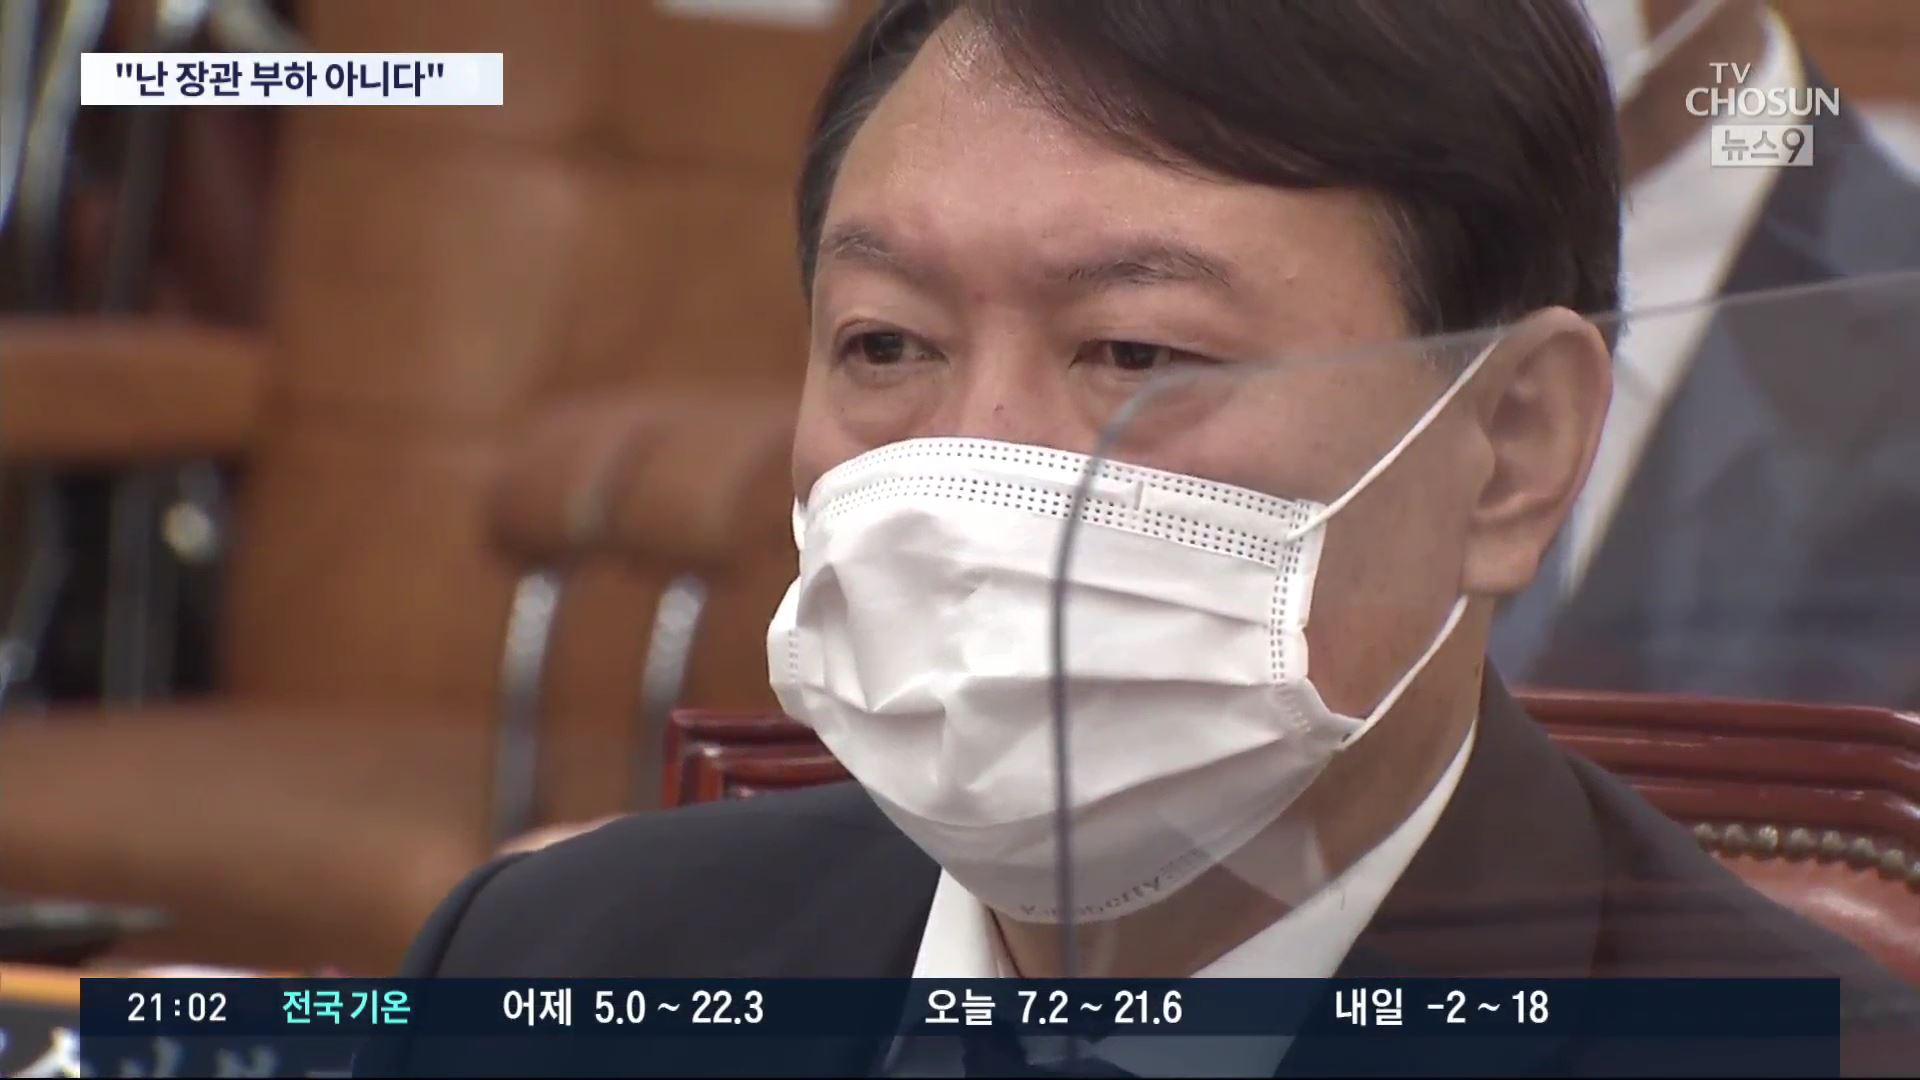 尹 '장관 부하 아니다' 작심발언 ↔ 秋 '지휘 받는 공무원'